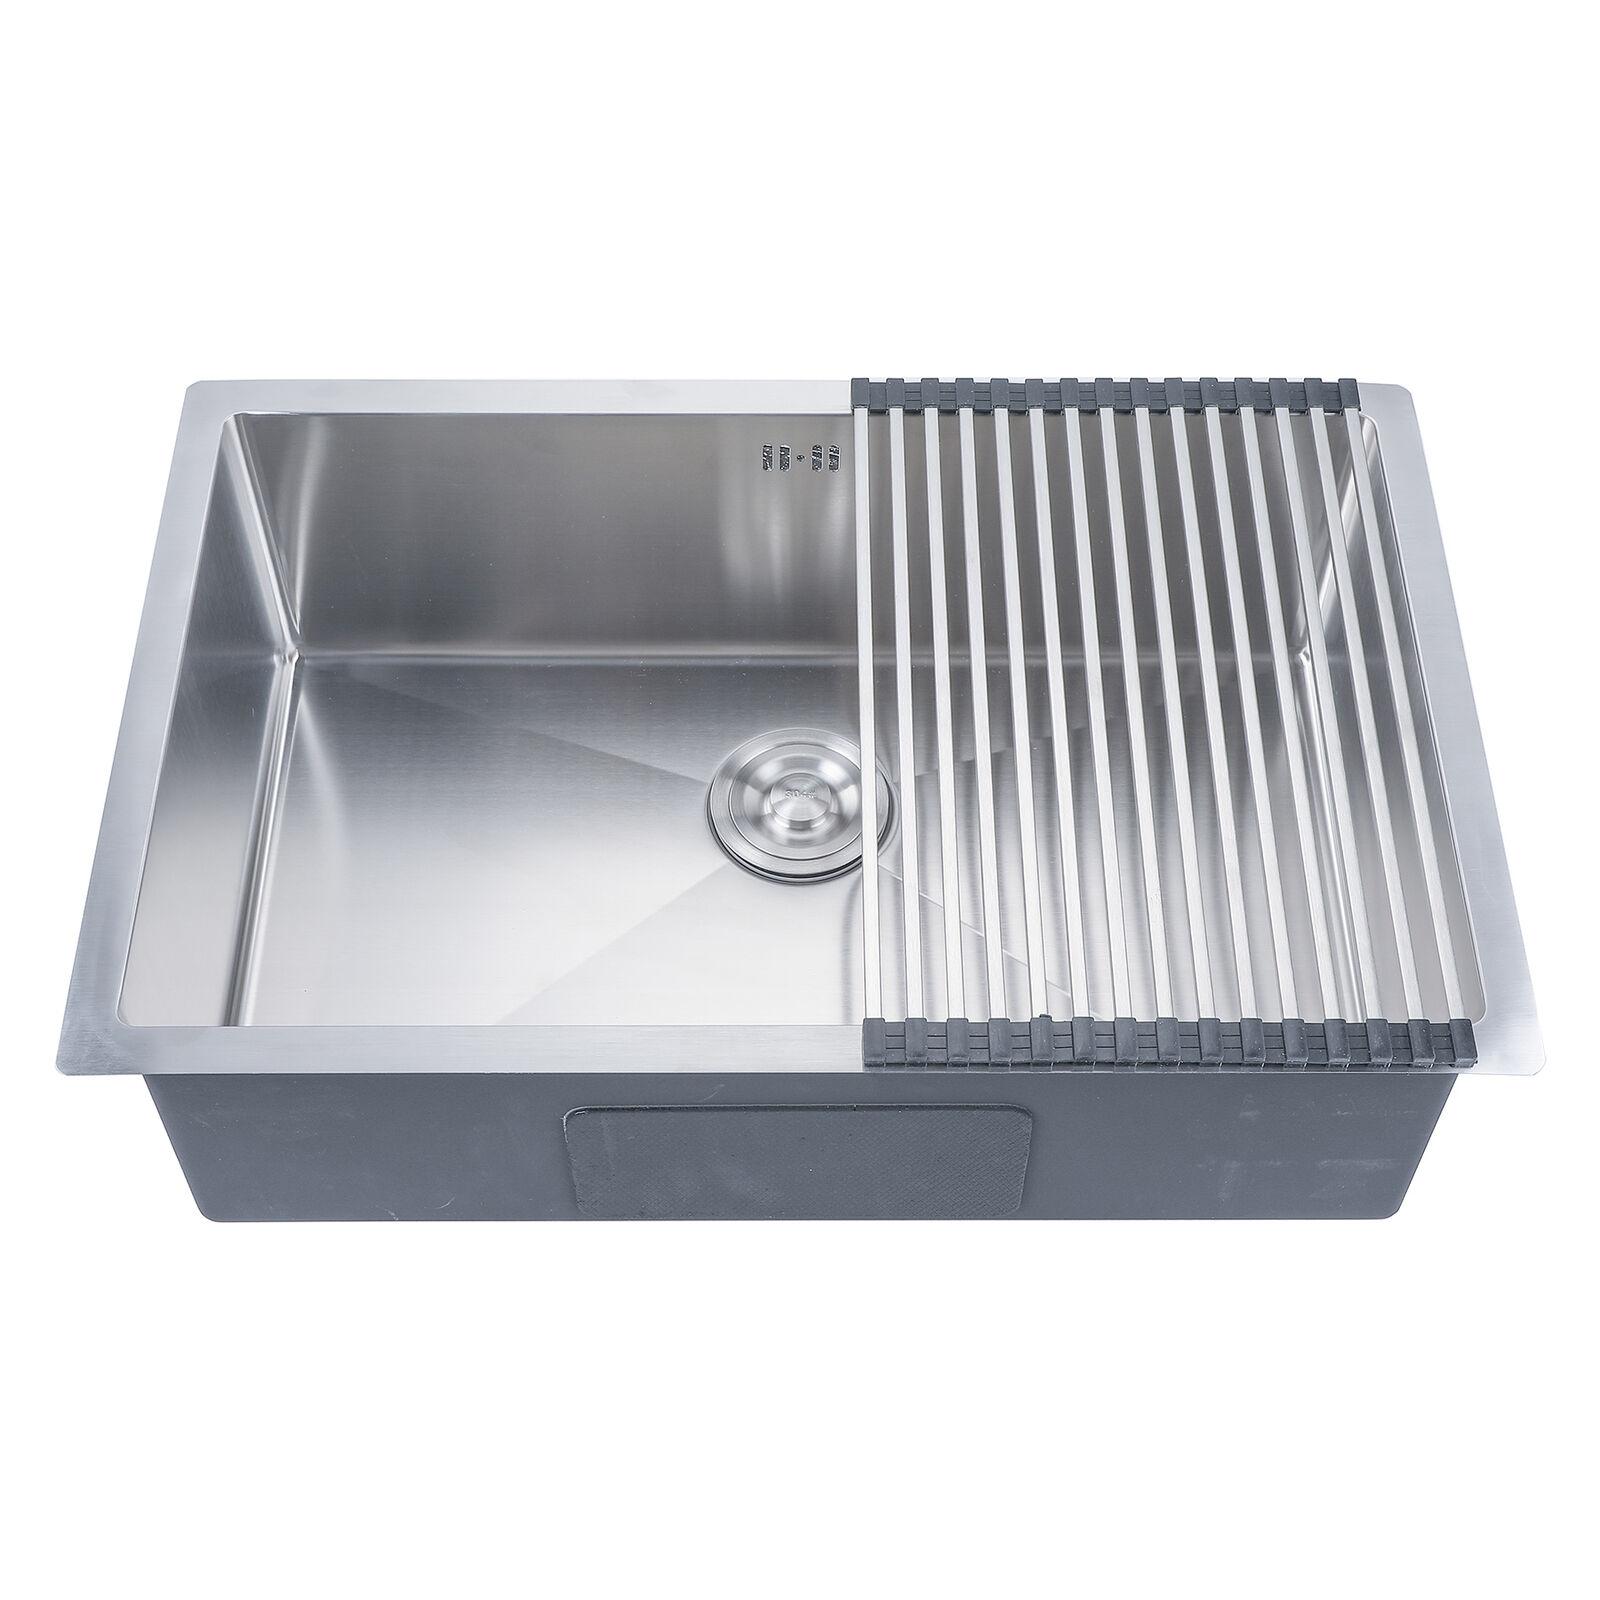 18 Gauge Undermount Stainless Steel Kitchen Sink Single Bowl 9\